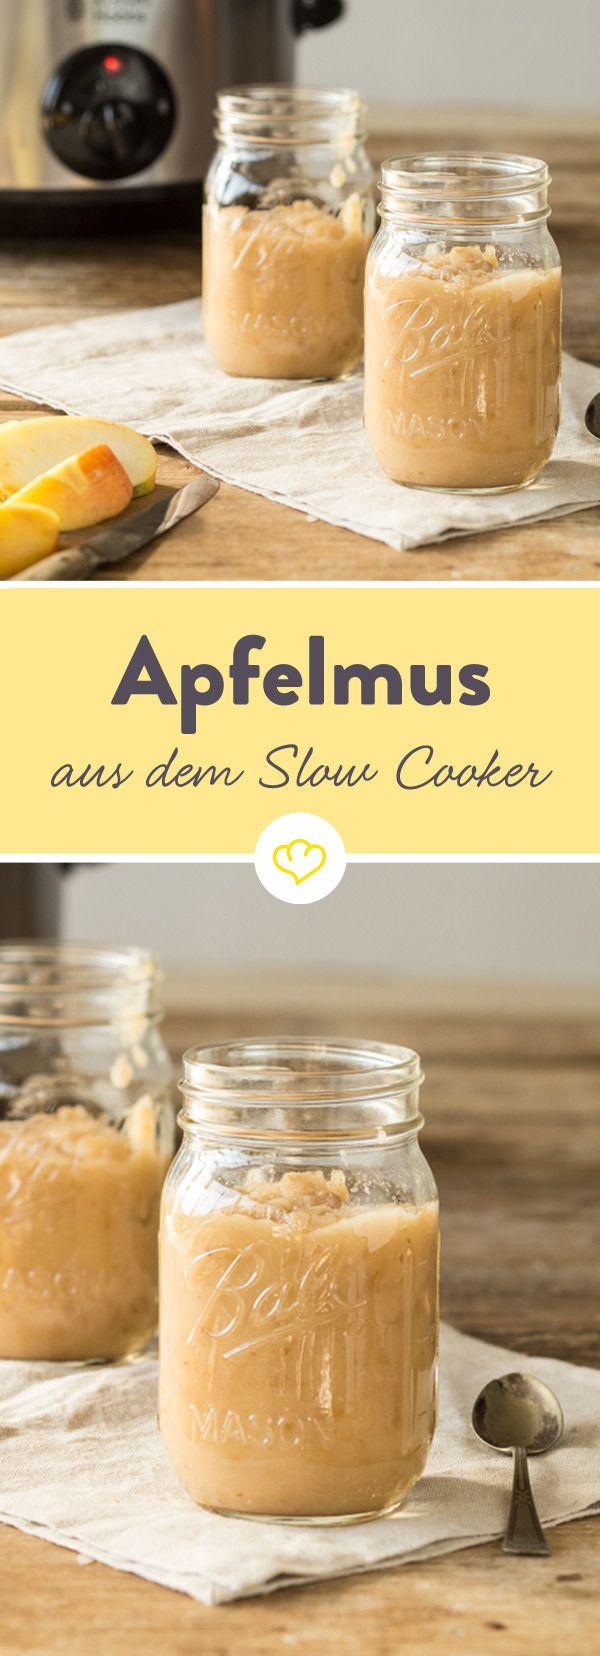 Ob zu Reibekuchen, Sauerbraten oder solo: im Slow Cooker wird Apfelmus besonders aromatisch - und du musst nichtmal Zucker hinzugeben.